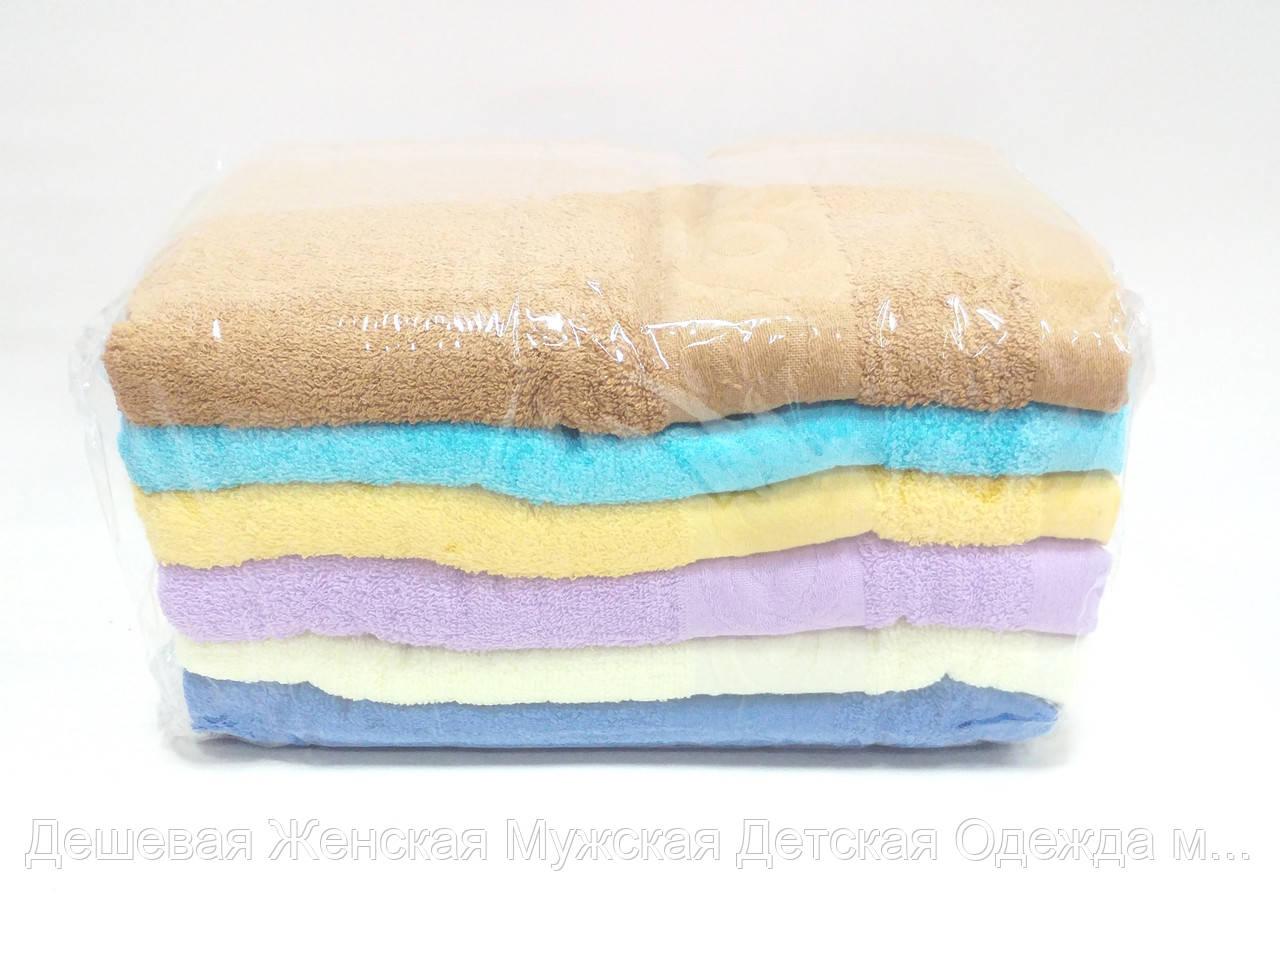 Полотенце банное махра. Размер 135см* 70см. В упаковке 6шт - цвета разные